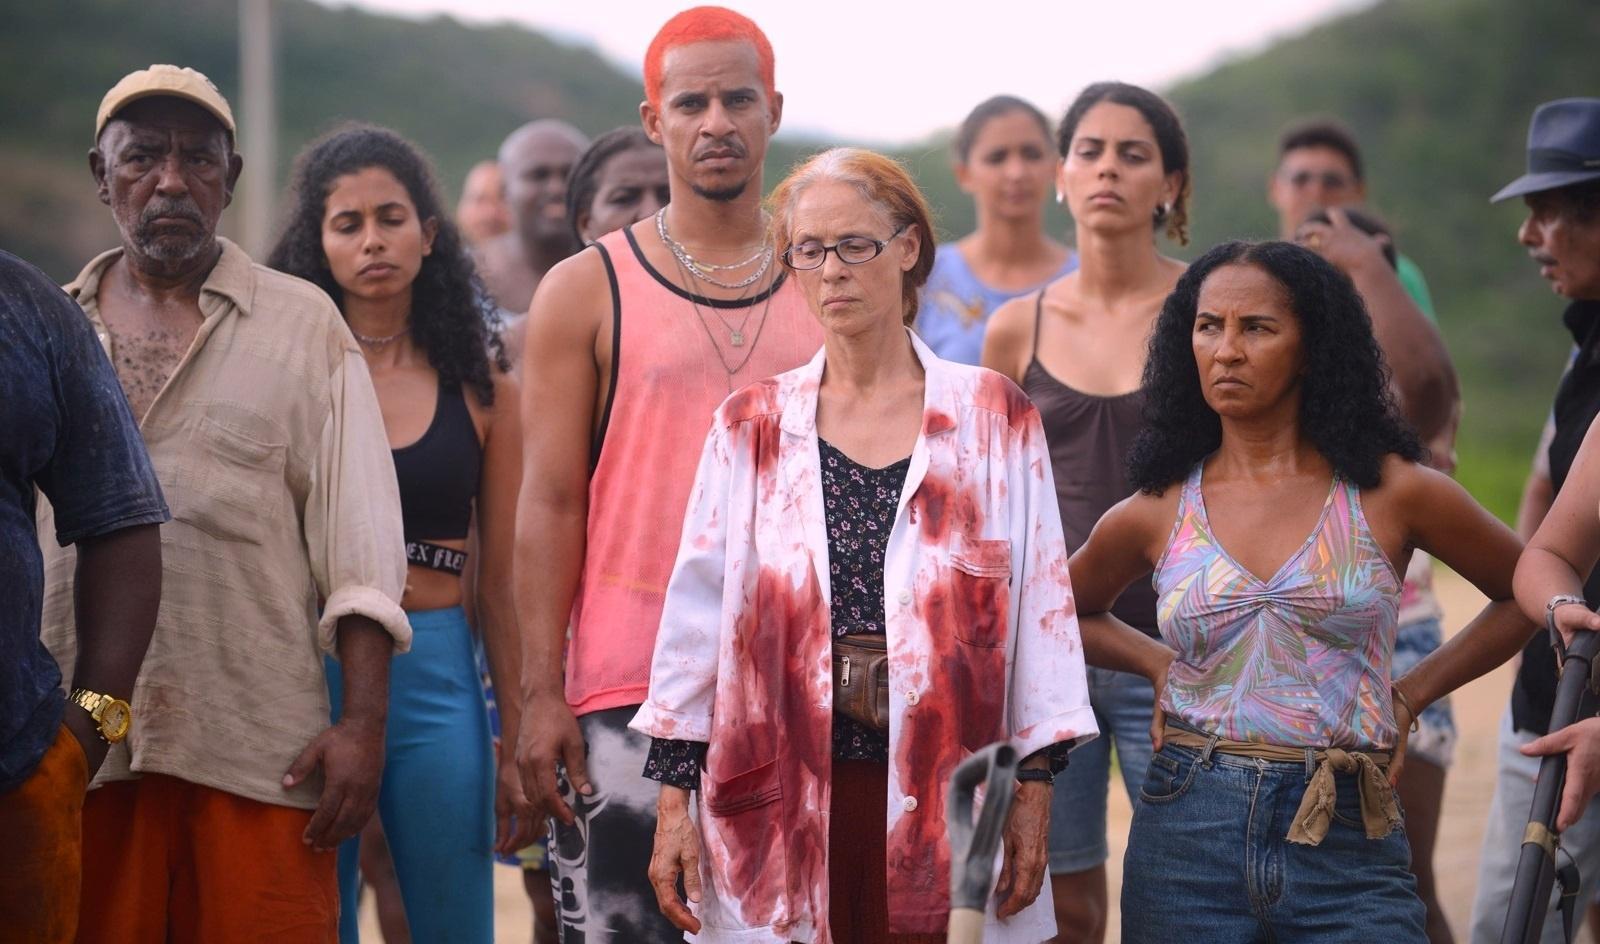 Vencedor do Prêmio do Júri em Cannes, Bacurau terá pré-estreia no Cine Cultura